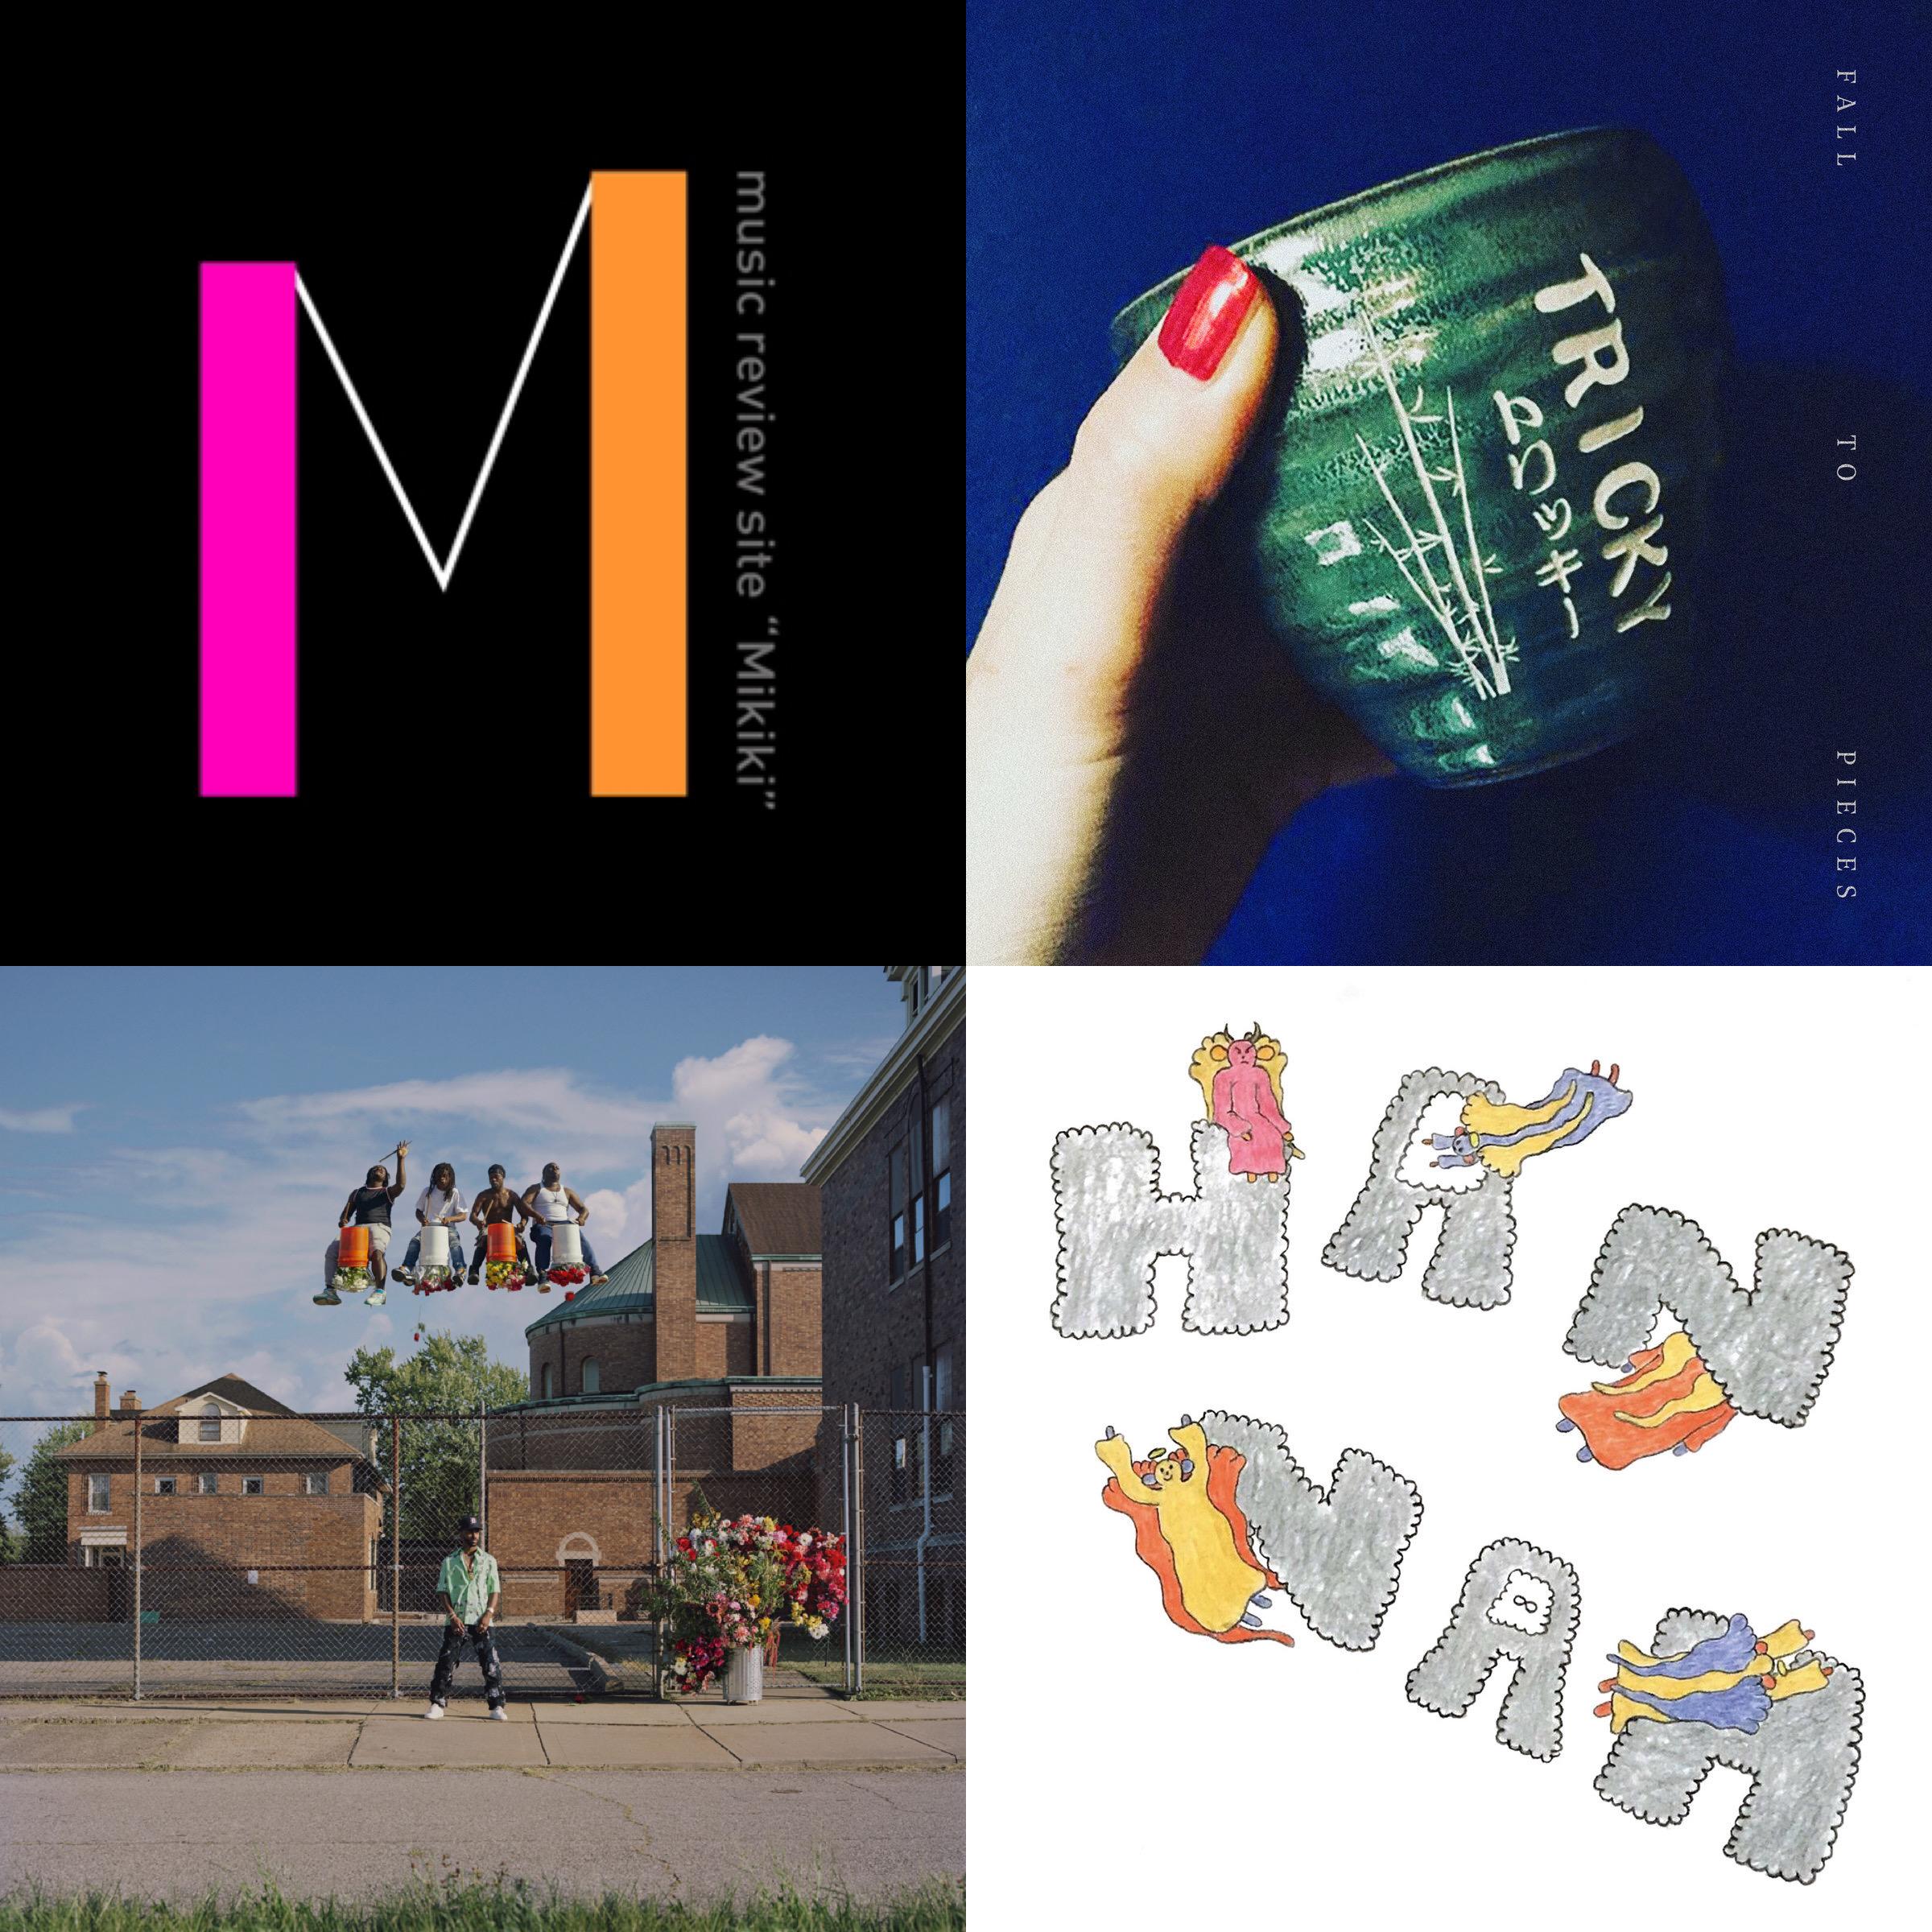 ビッグ・ショーン(Big Sean)、ロメルダ(Lomelda)など今週リリースのMikiki推し洋楽アルバム6選!